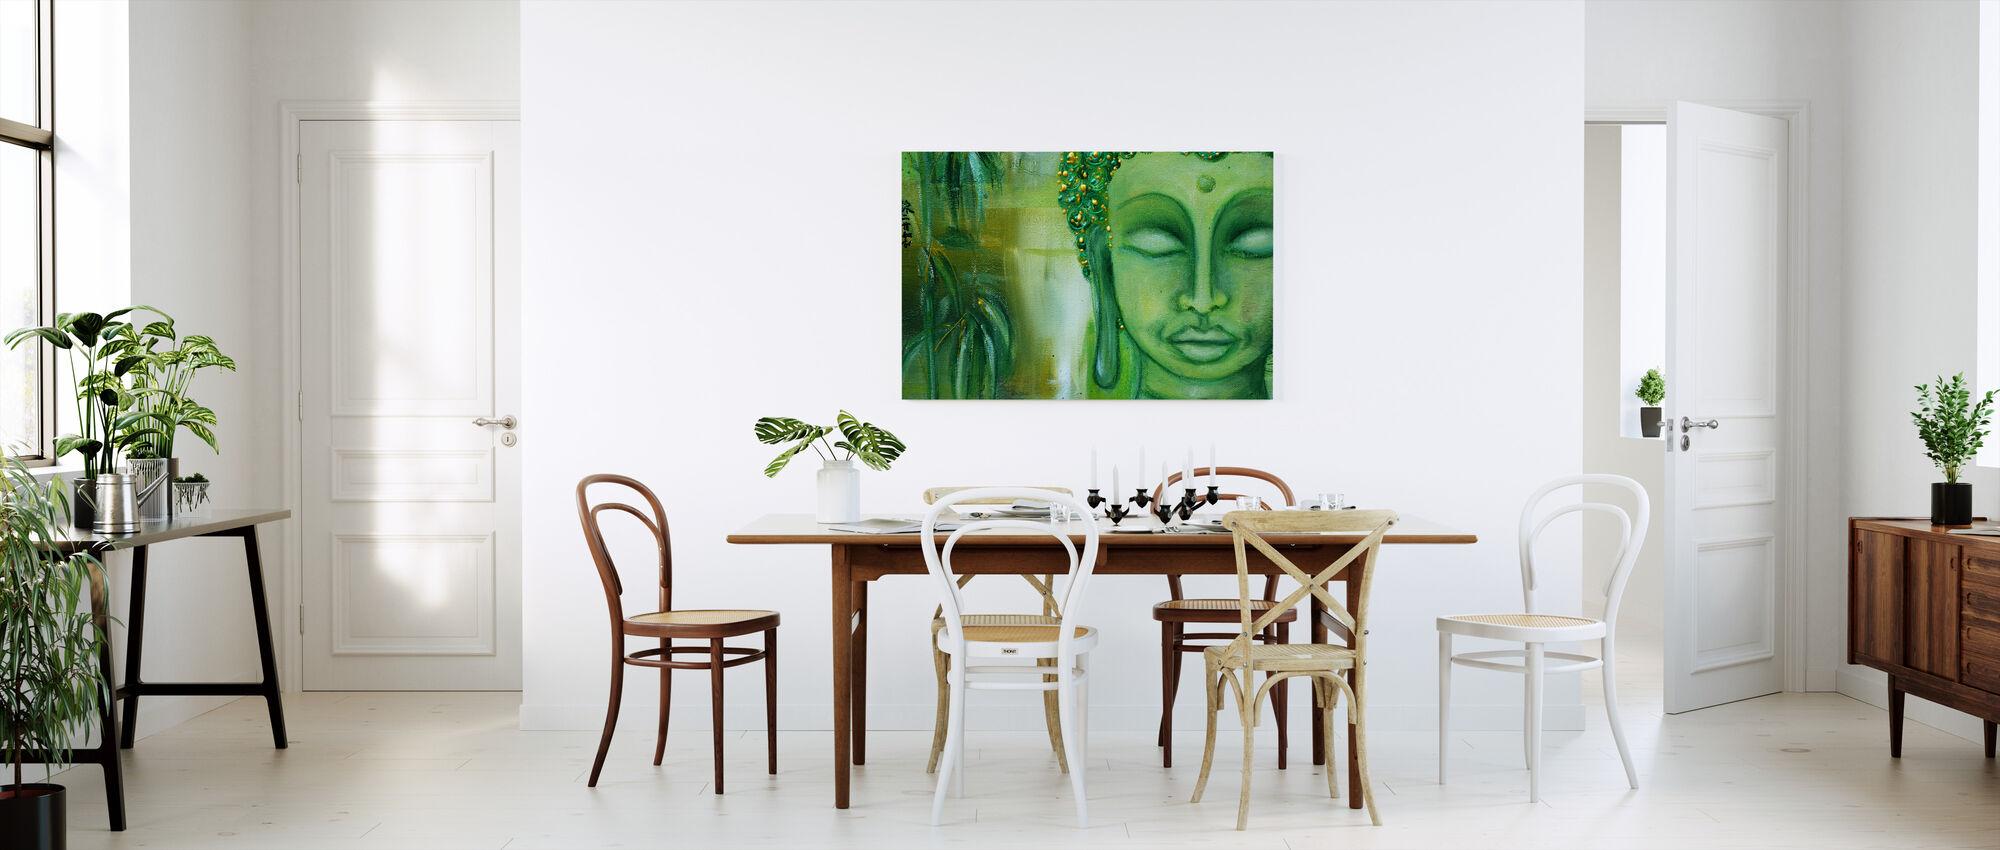 Buddha og grønne blade - Billede på lærred - Køkken